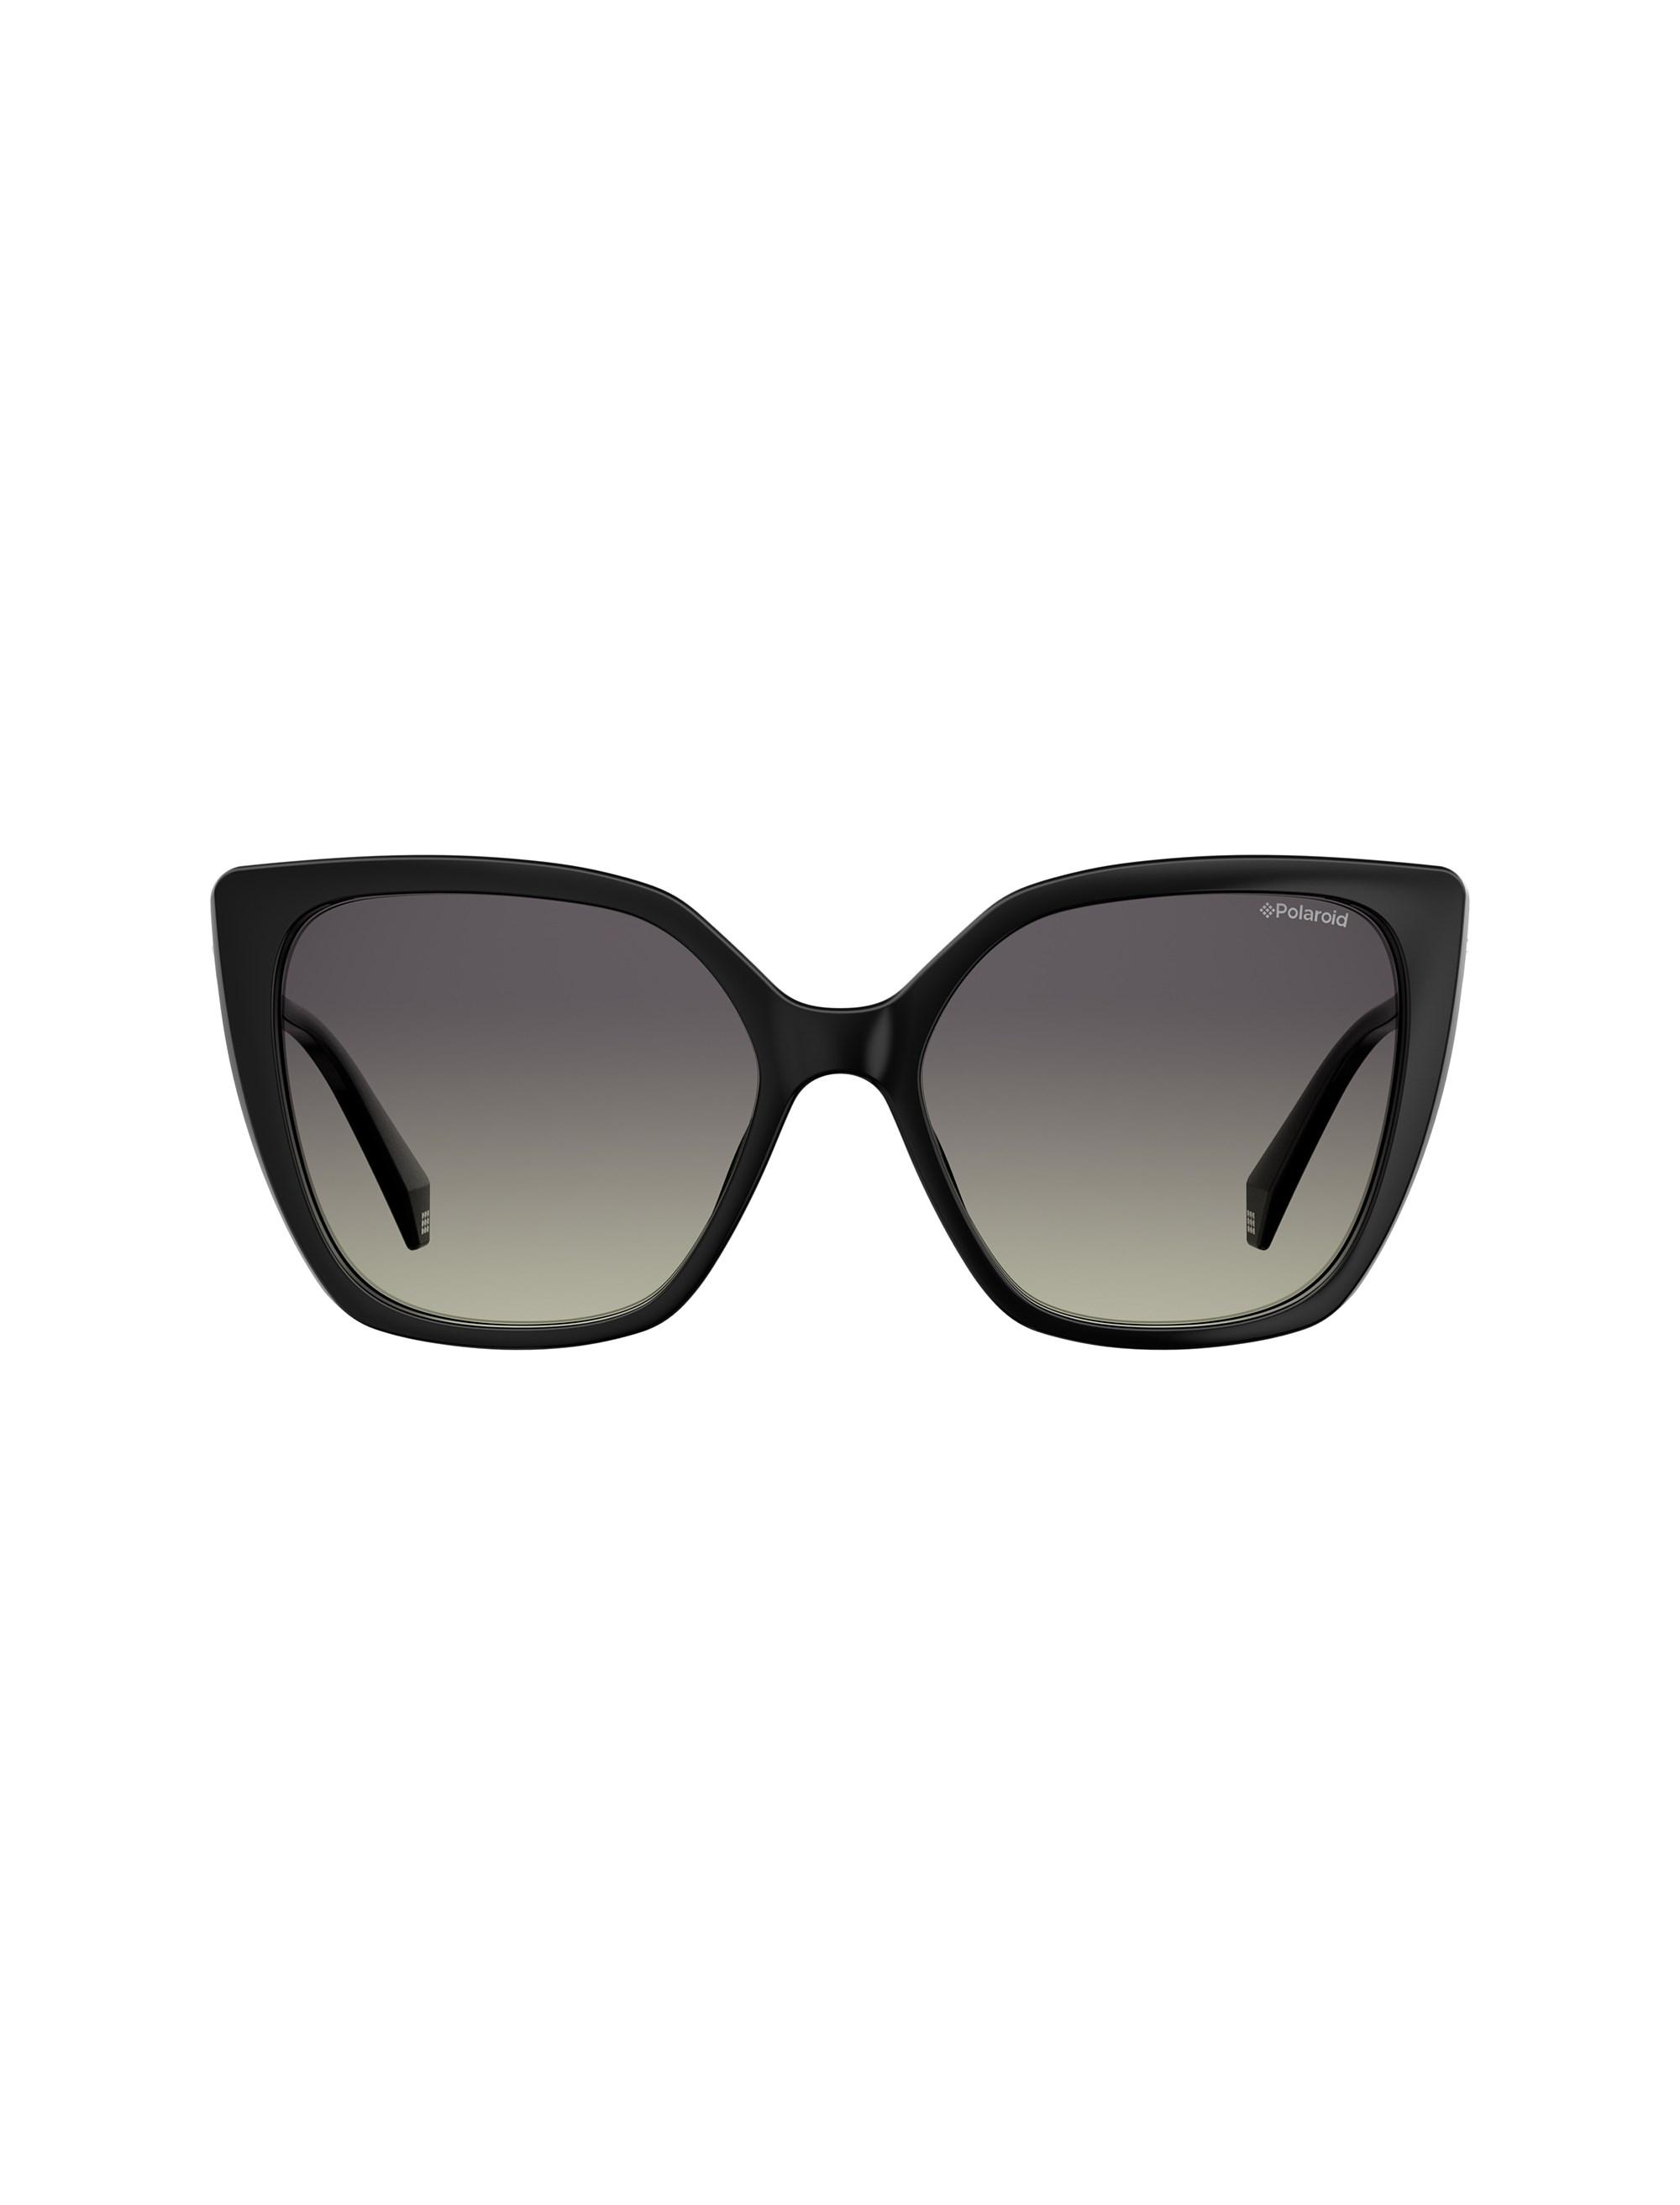 عینک آفتابی گربه ای زنانه - مشکي - 1